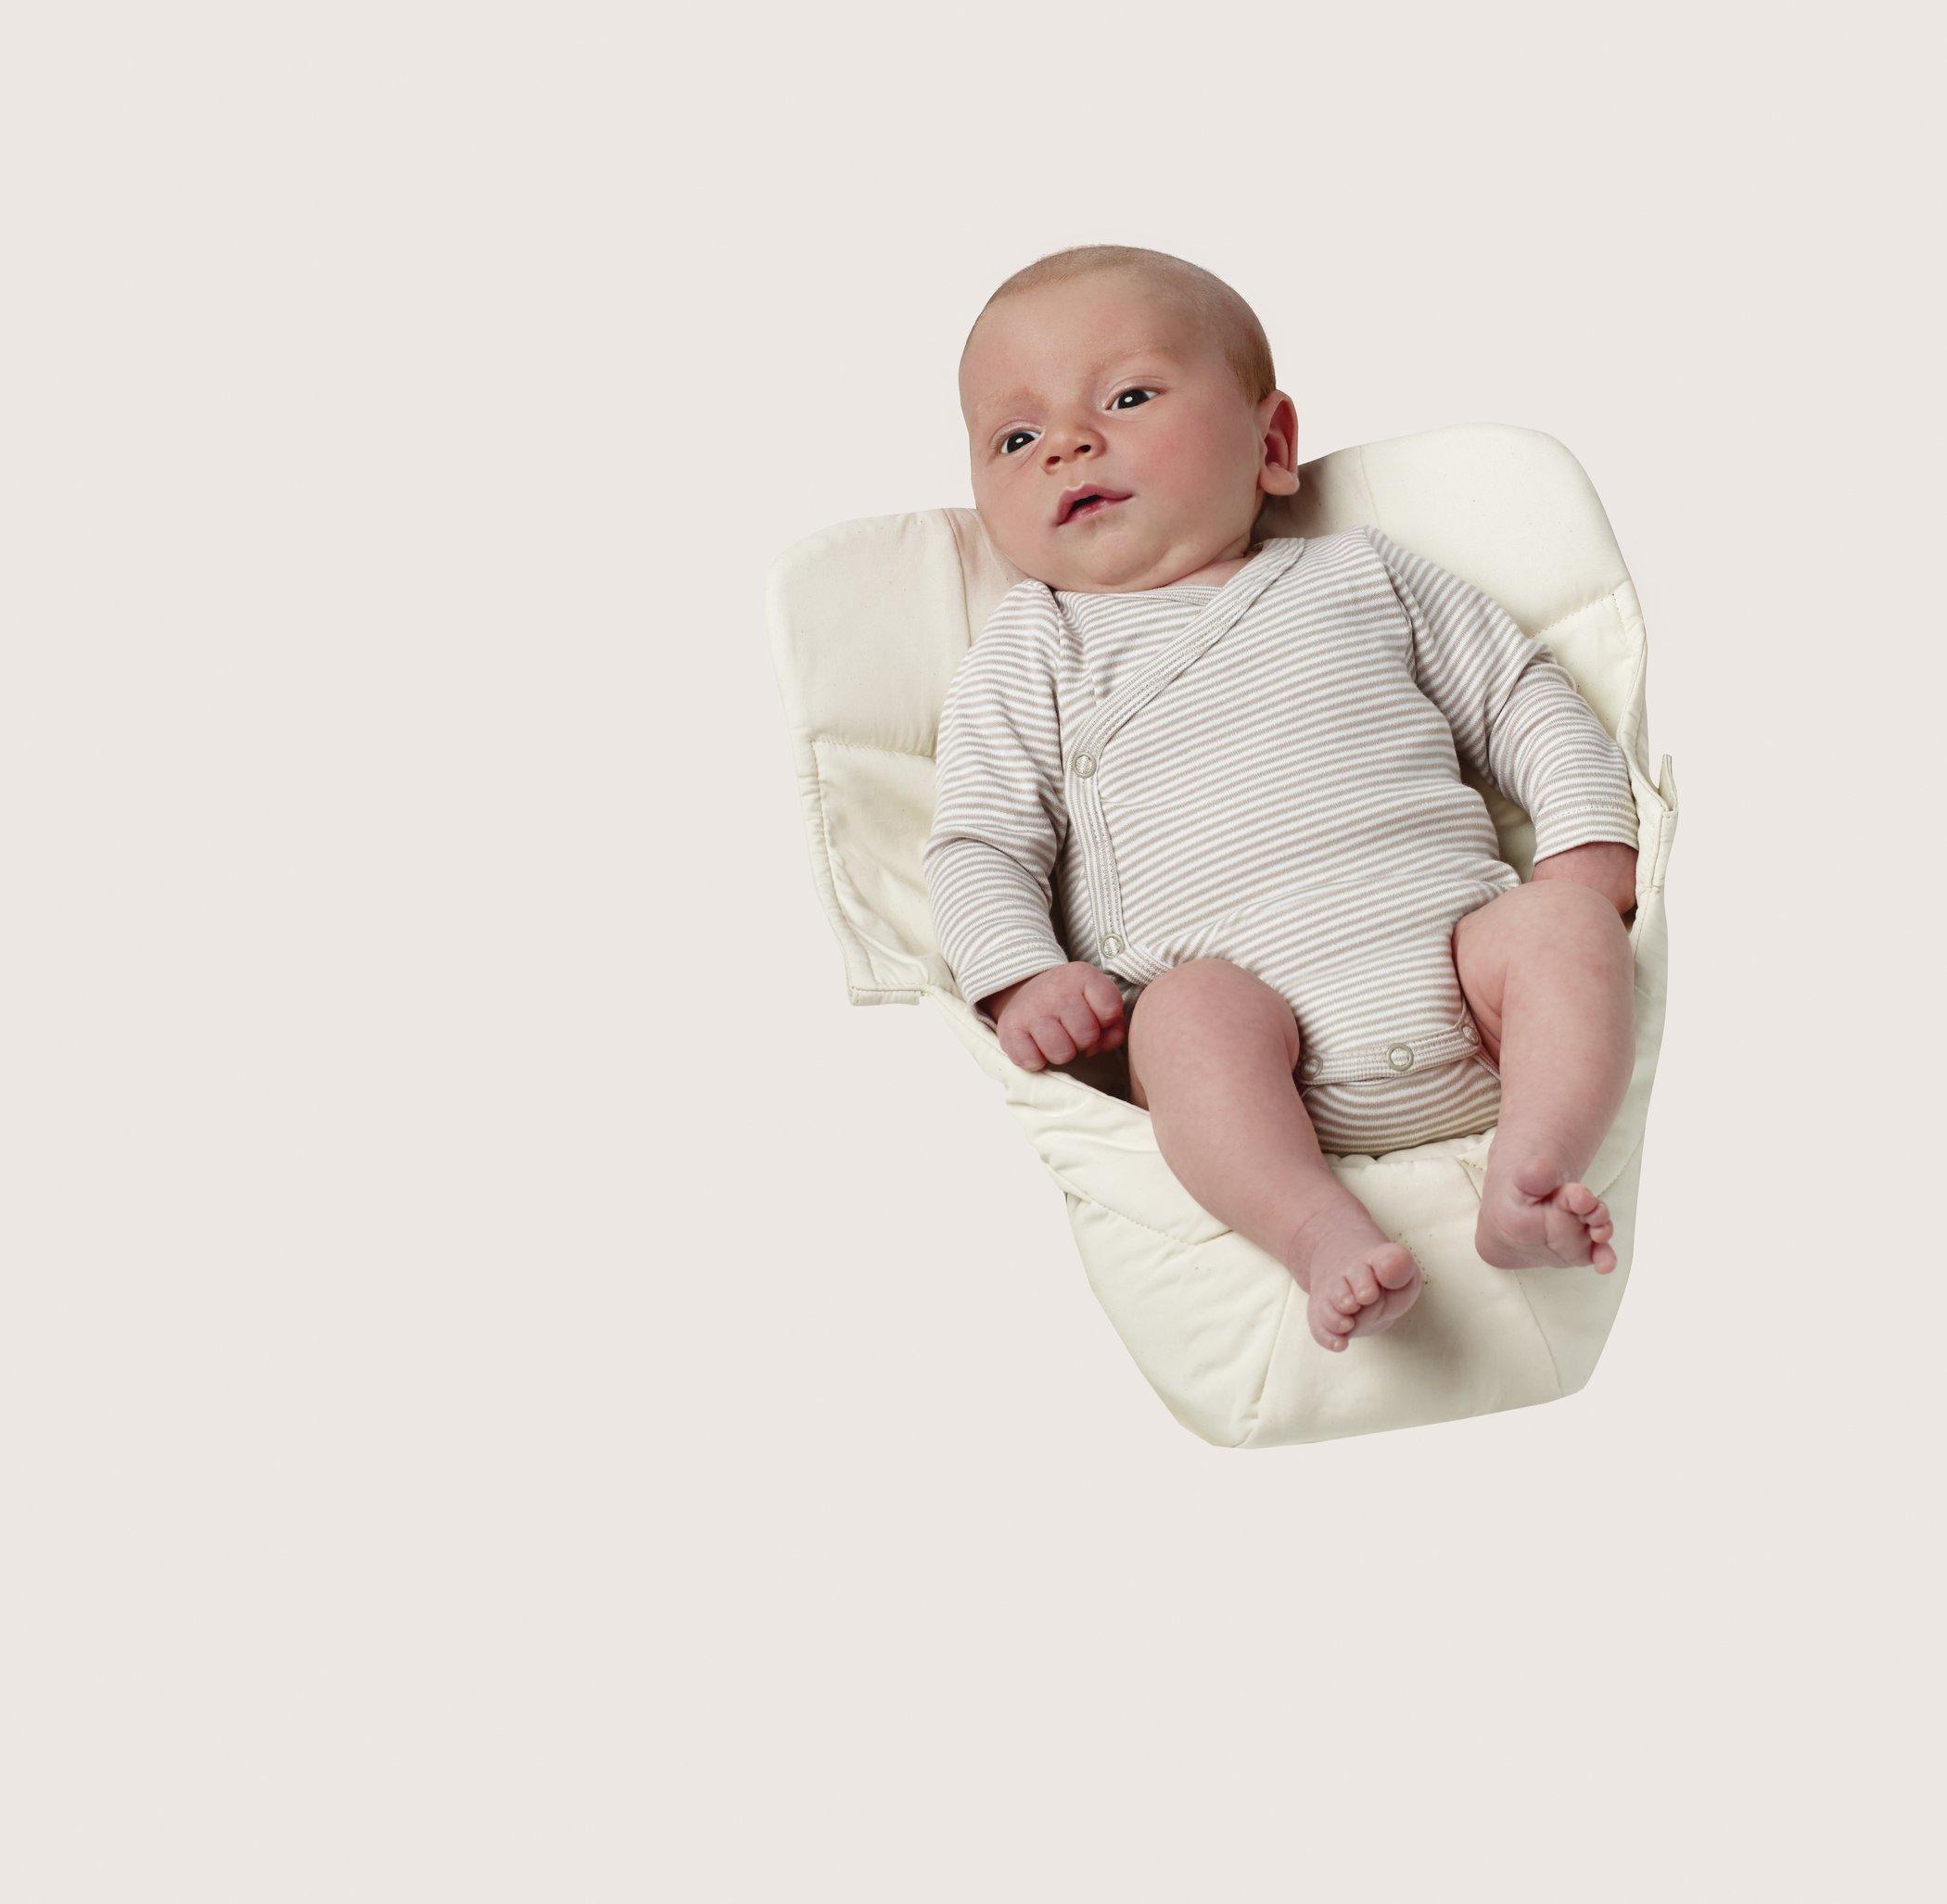 Ergobaby Easy Snug Infant Insert, Natural